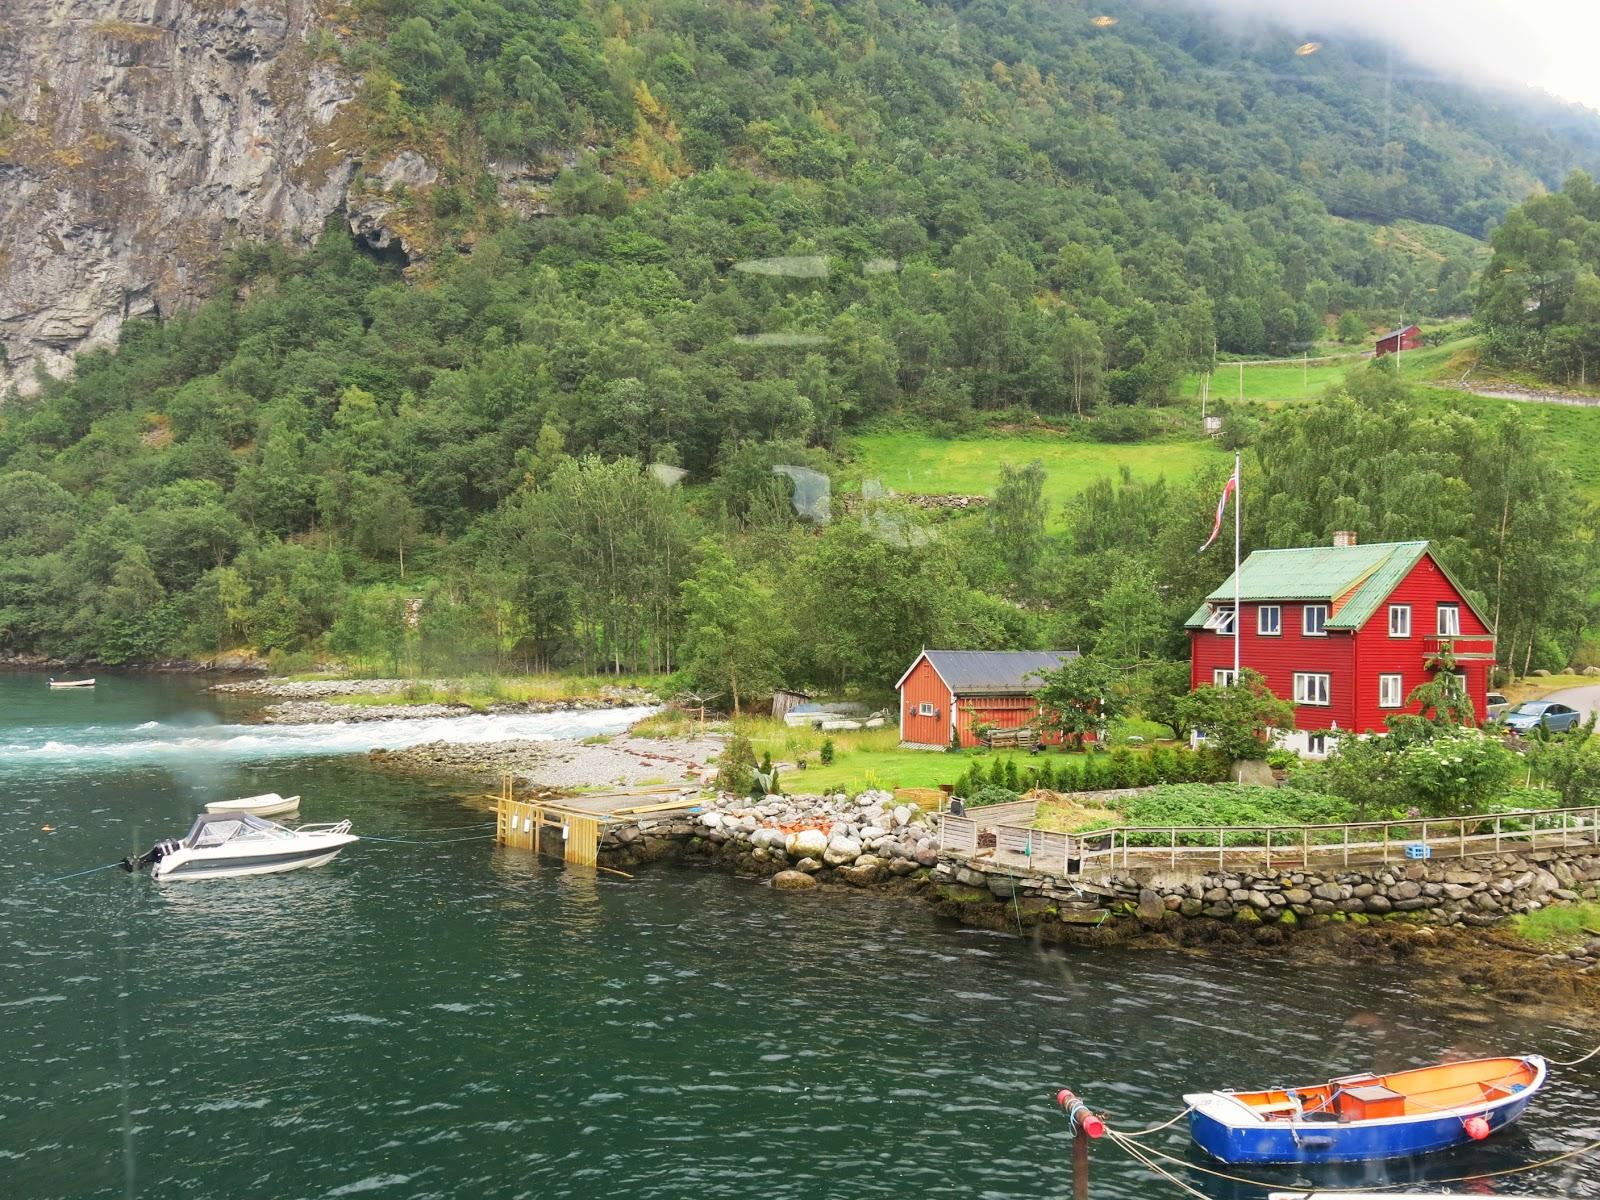 Näröyfjorden